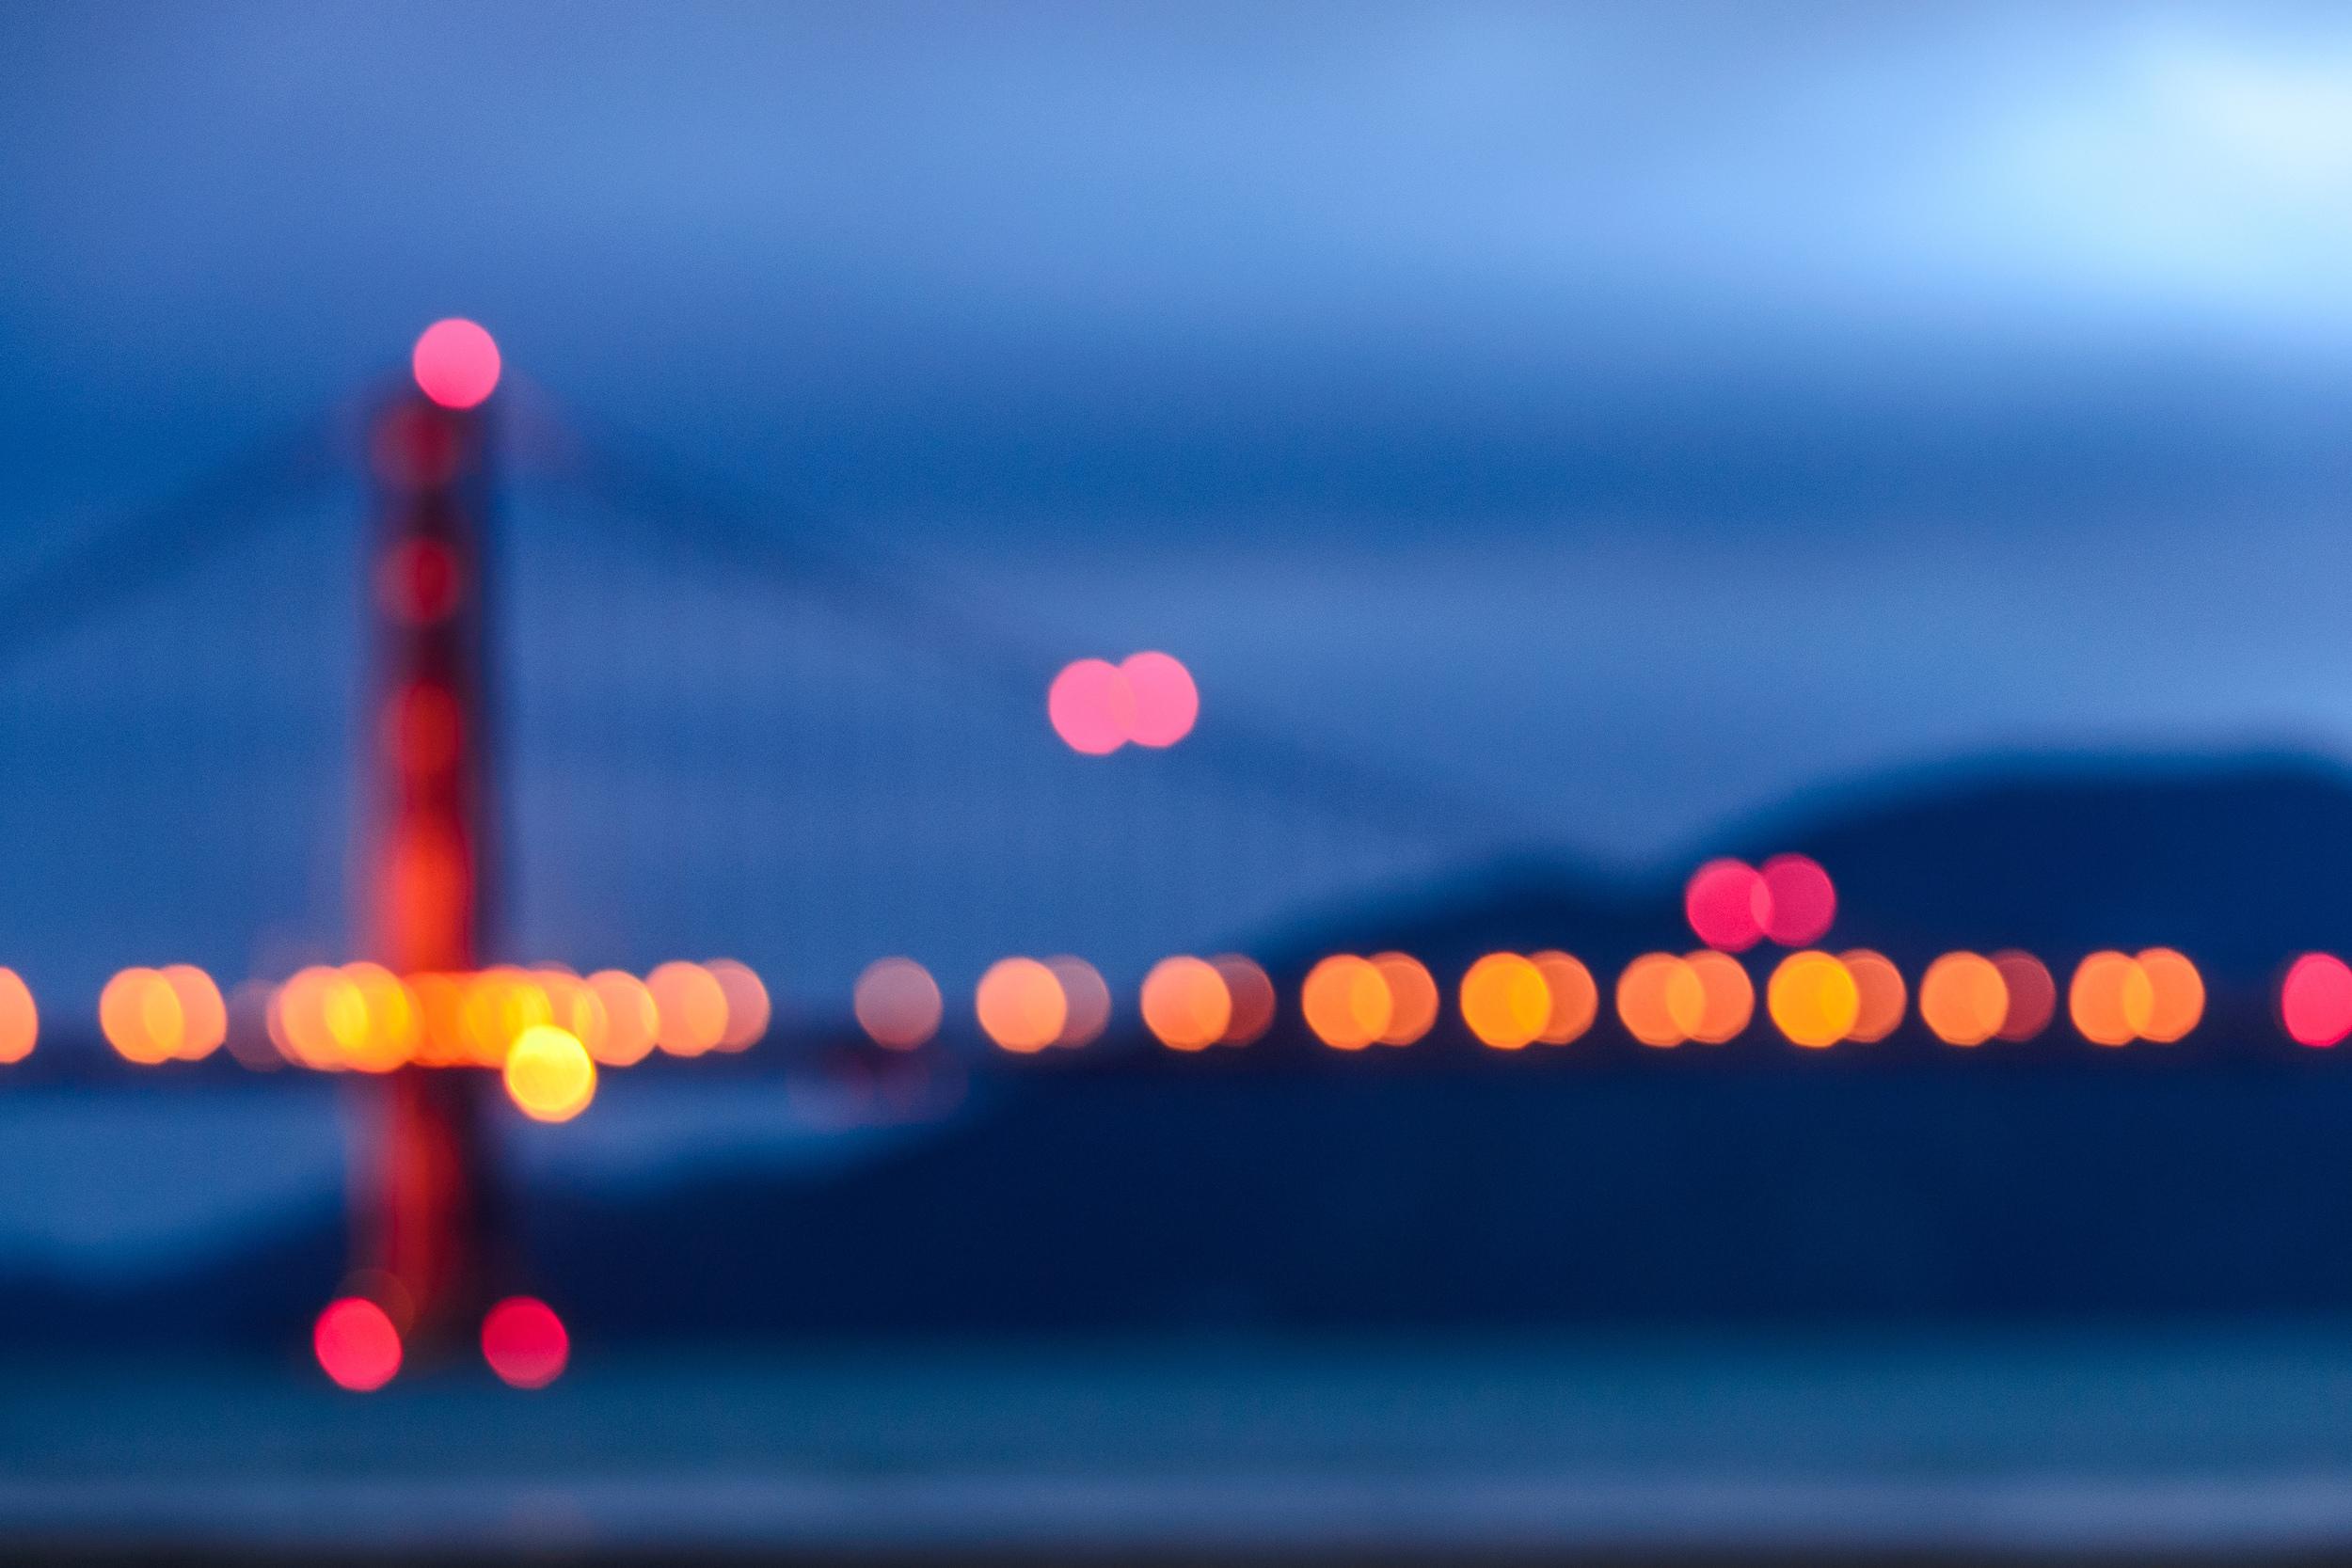 bokeh bridge.jpg